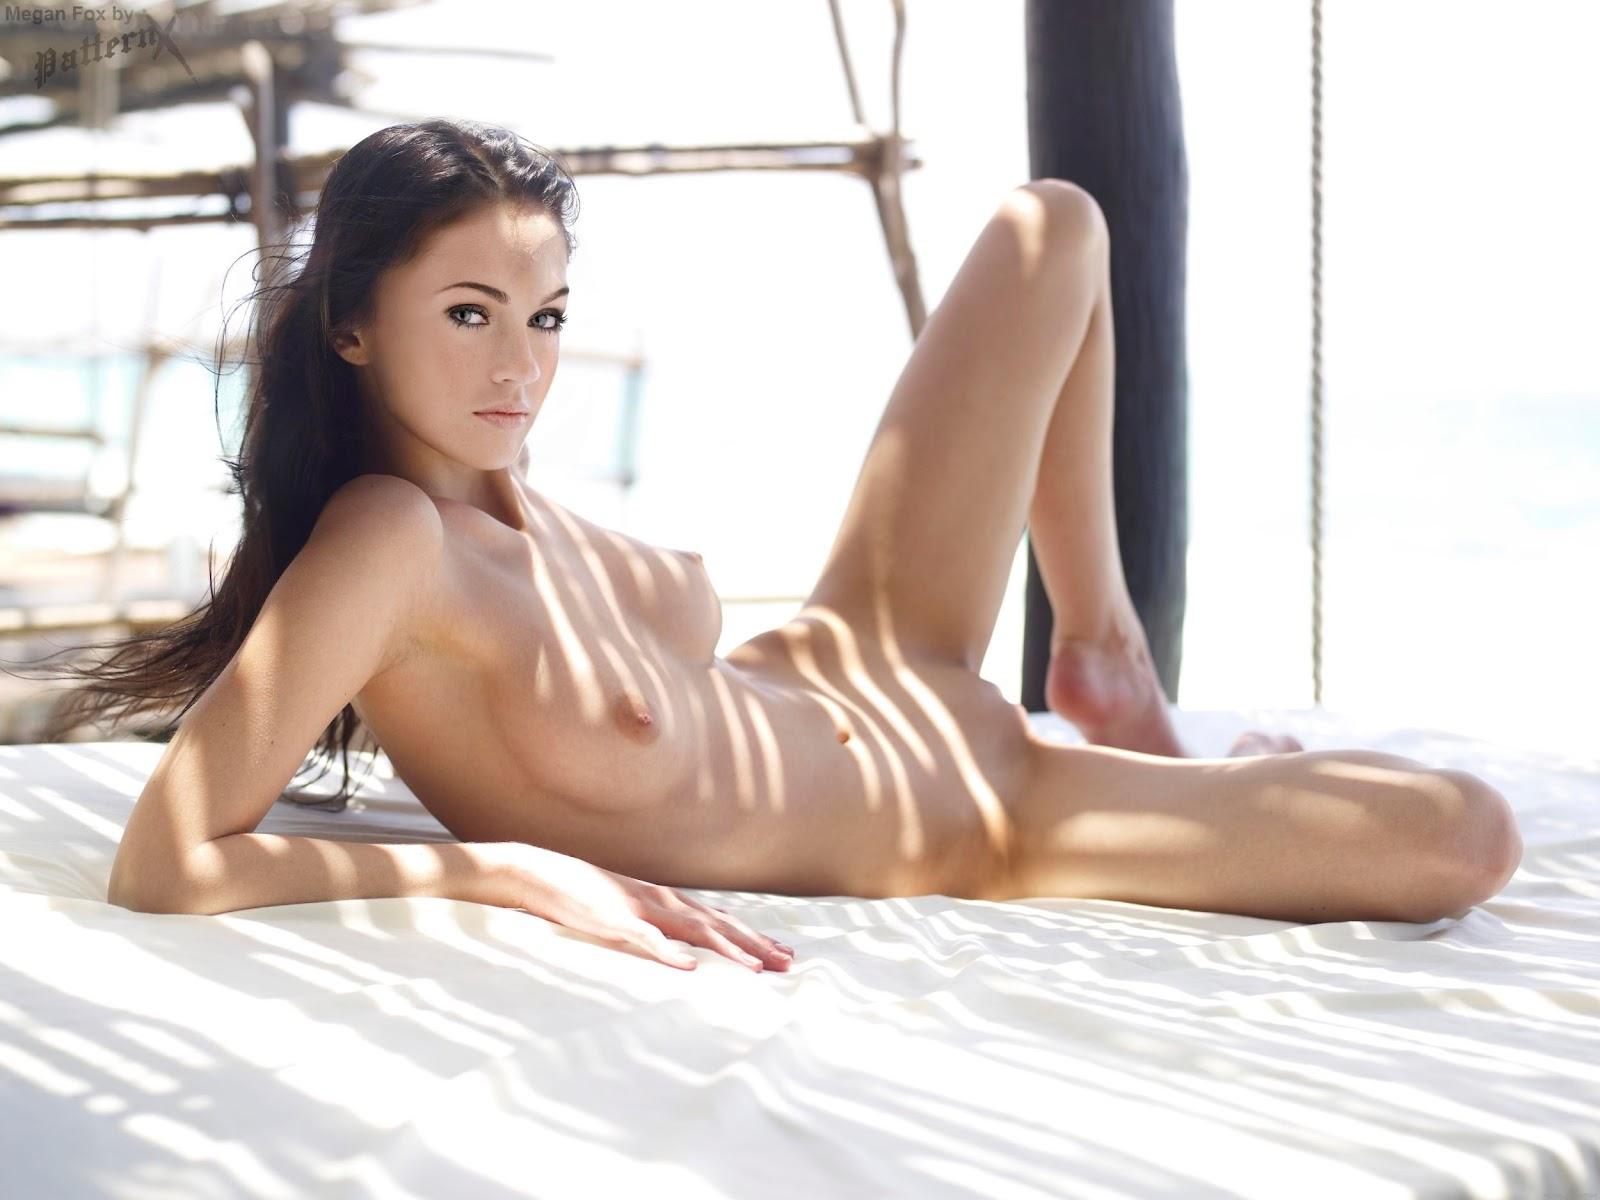 http://1.bp.blogspot.com/-zsO4-N7VQJI/UBAWUTWFQ_I/AAAAAAAAB6A/R6S6C95XUqw/s1600/Fake+Megan+Fox.2.jpg